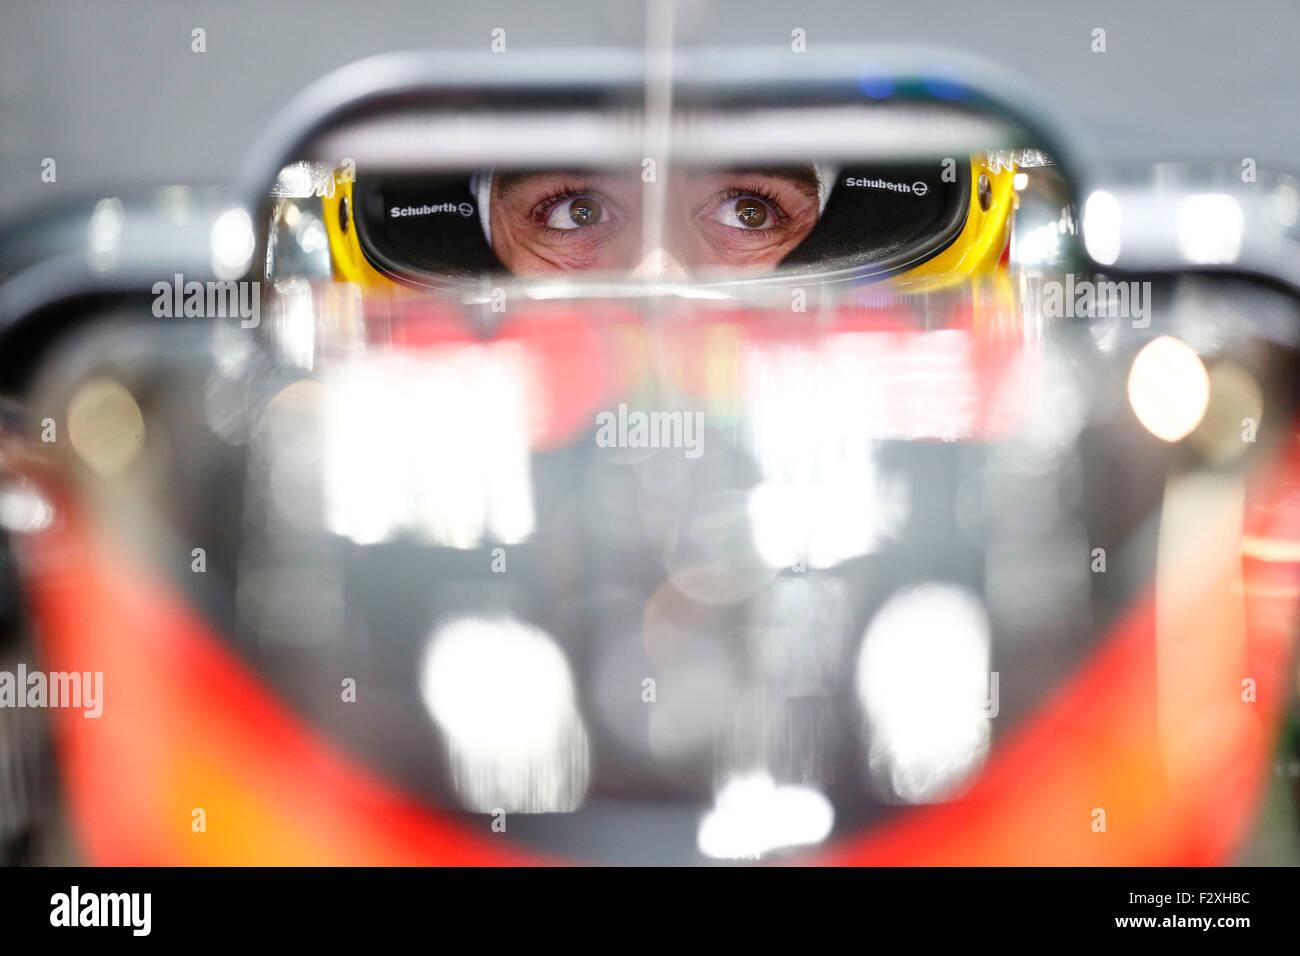 Motorsports: FIA Formula One World Championship 2015, il Gran Premio del Giappone, #14 Fernando Alonso (ESP, McLaren Immagini Stock